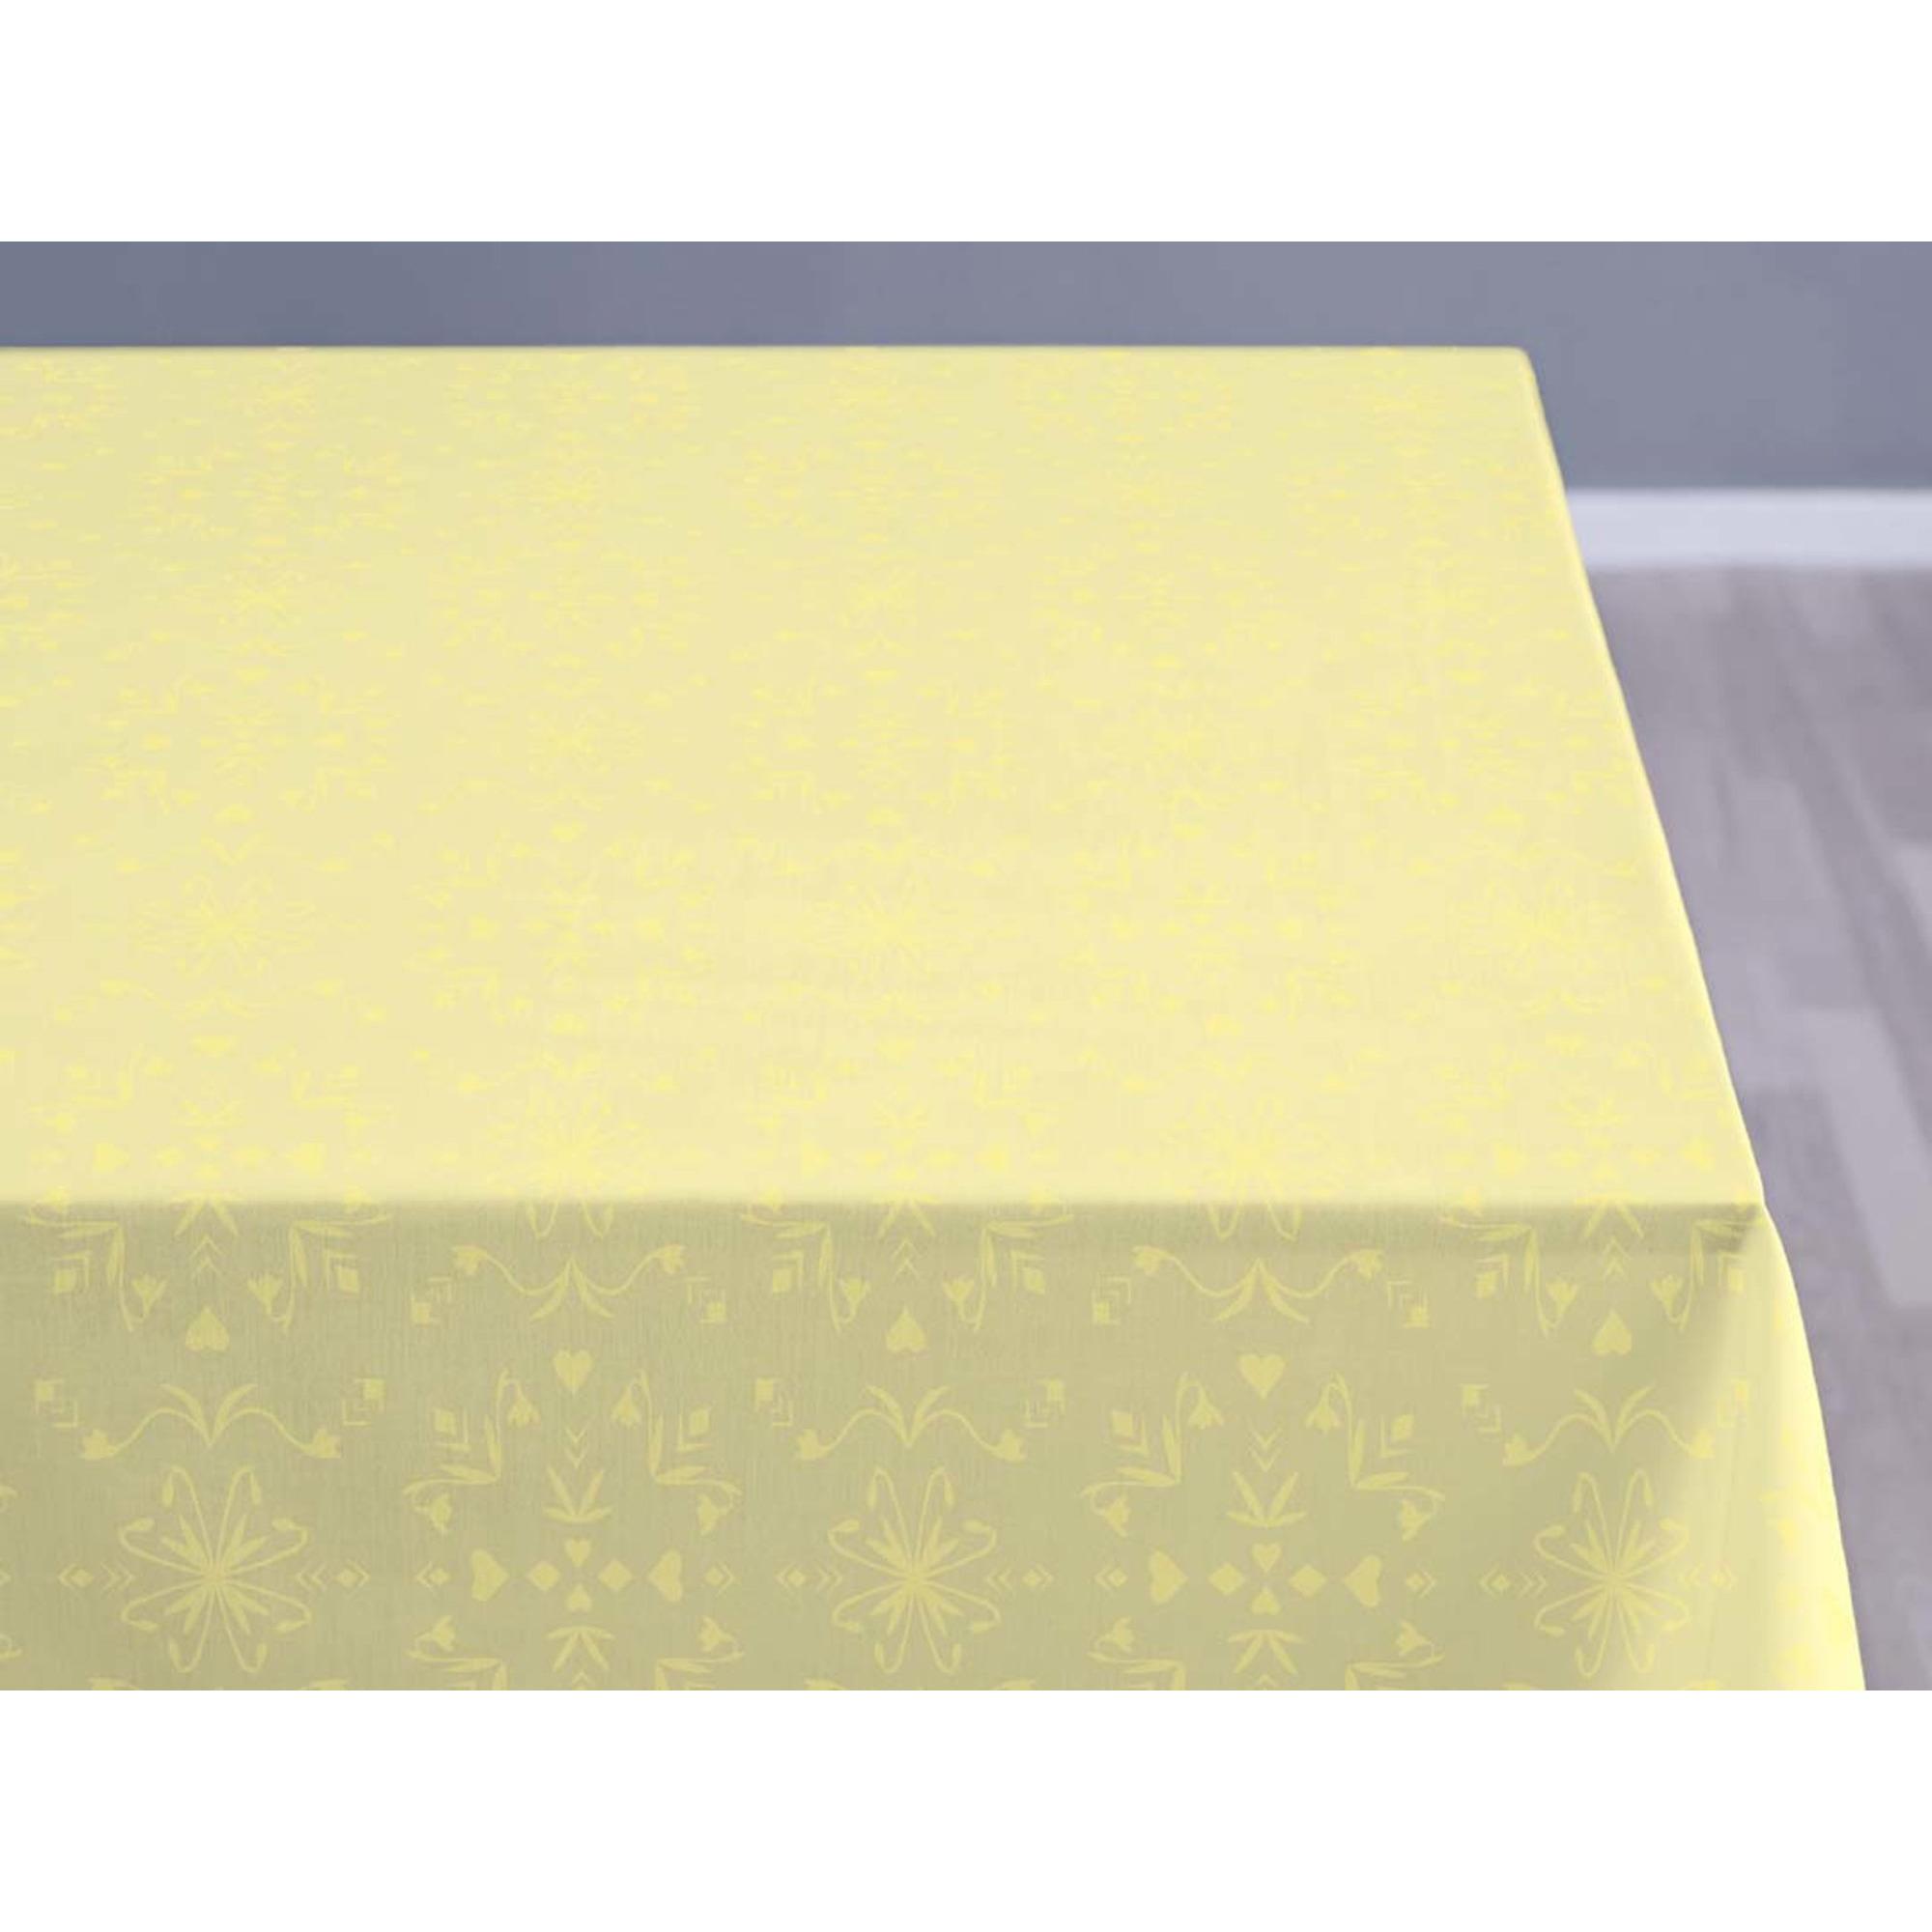 Södahl Duk 140×320 Easter paper gul